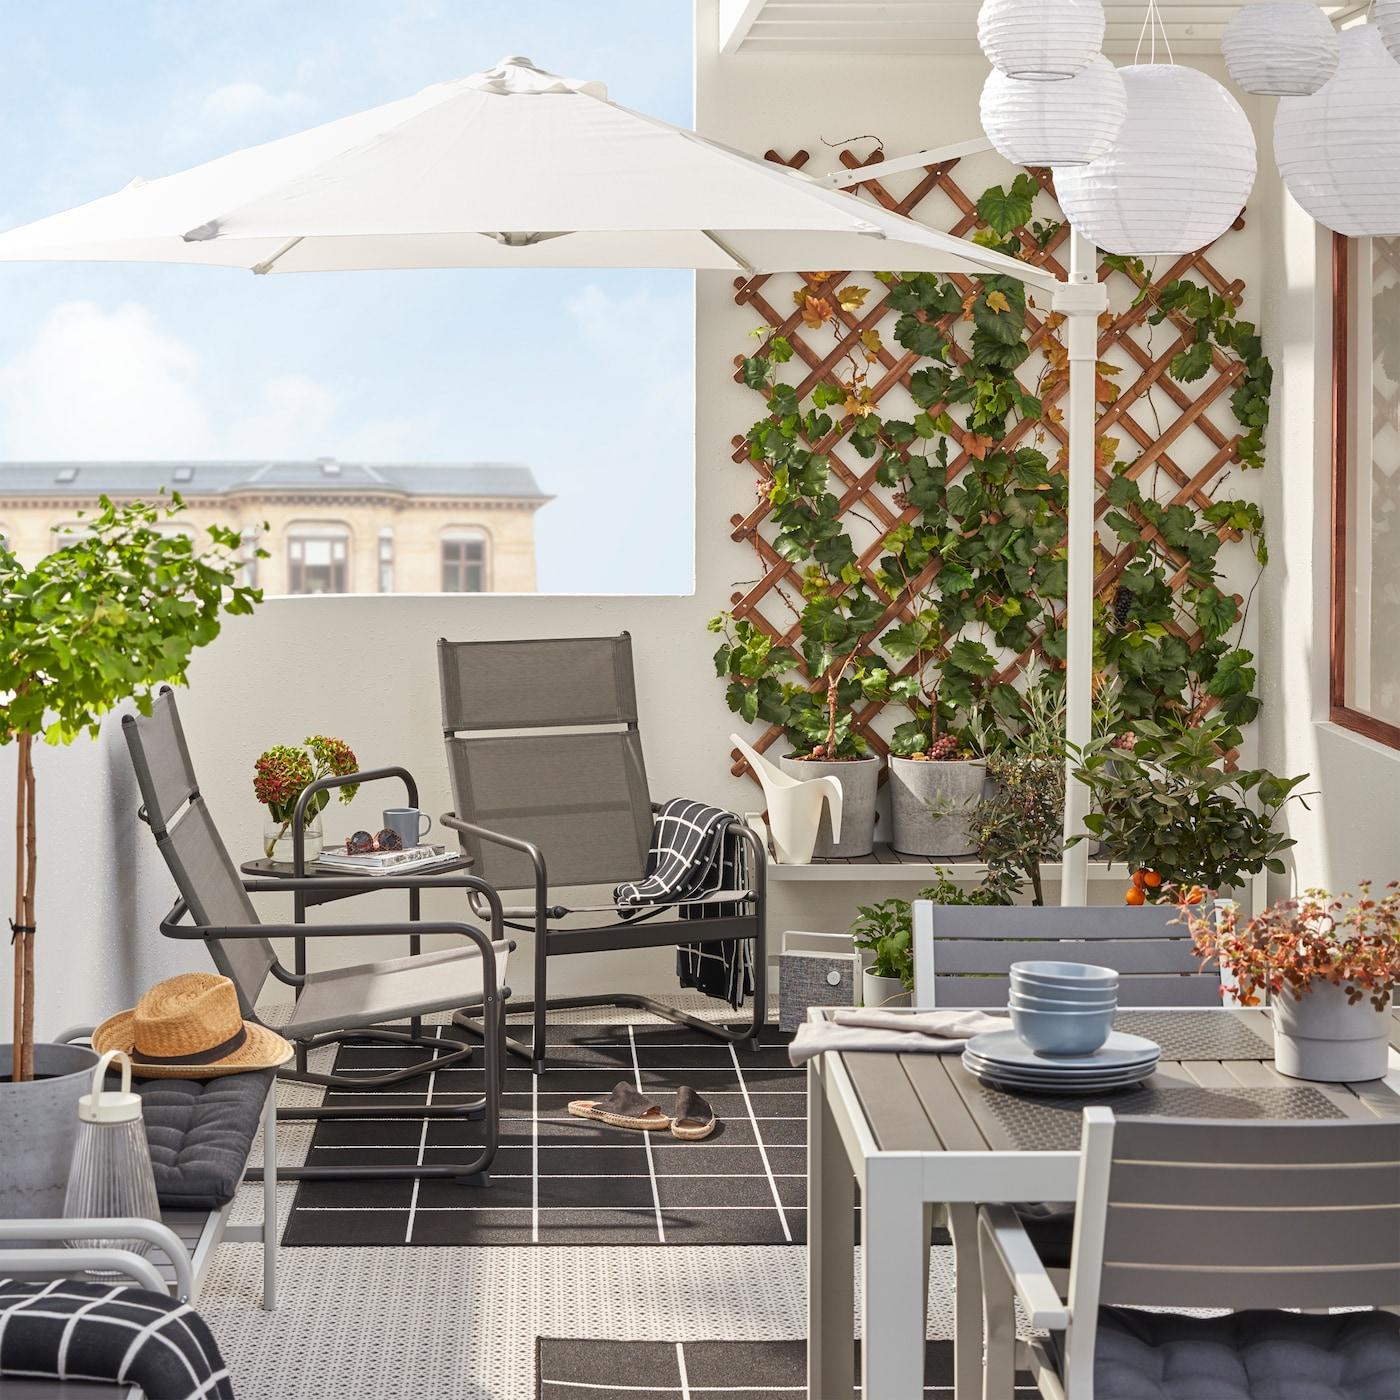 阳台上边放着 HUSARÖ 胡萨罗 扶手椅和边桌、白色阳伞、灰色餐桌和椅子,以及黑色/白色地毯。